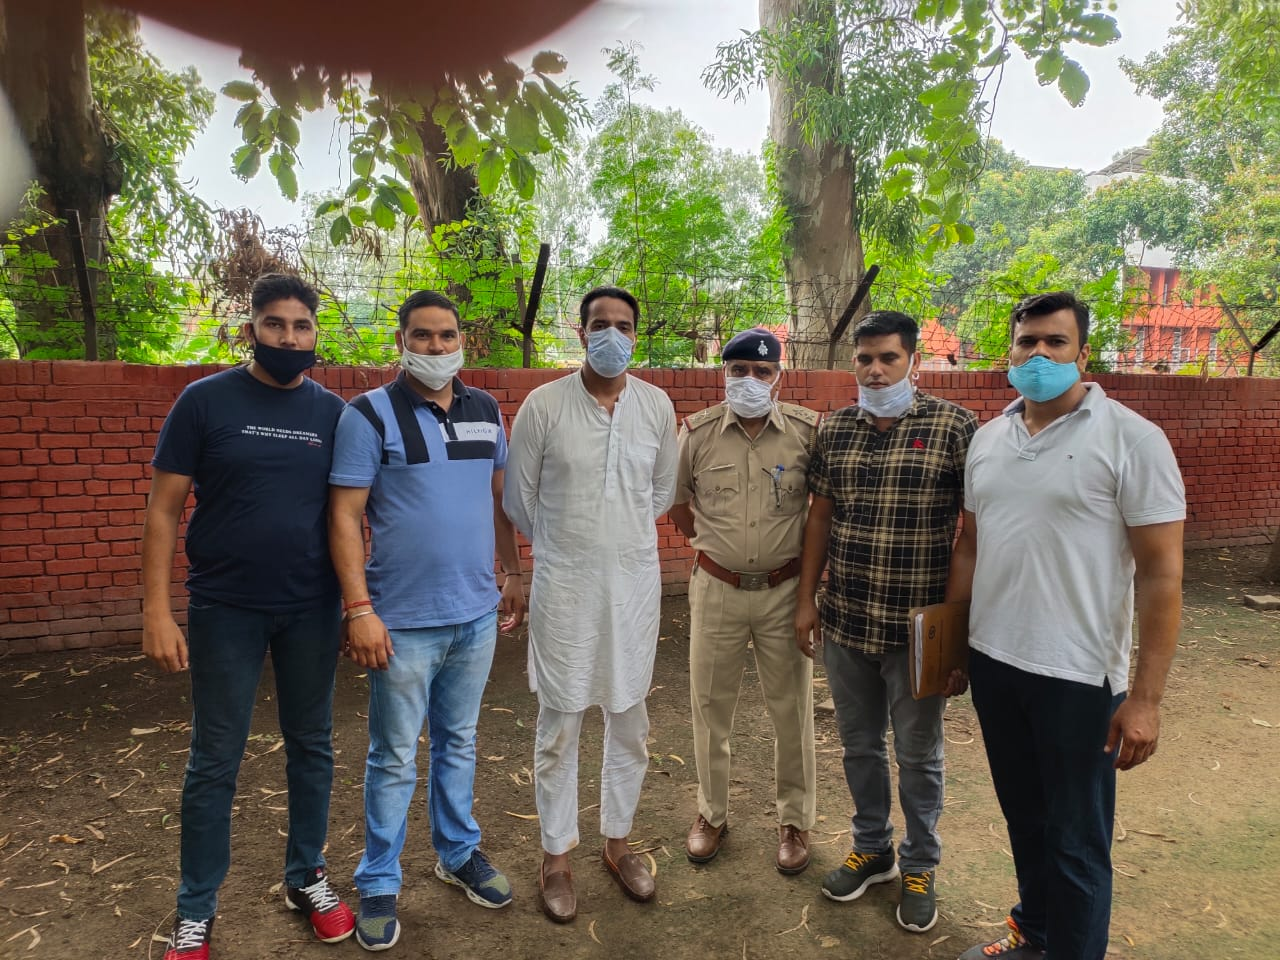 गैंगस्टर सुक्खा काहलों ग्रुप का सदस्य 51 ग्राम चिट्टा के साथ चढ़ा क्राइम ब्रांच चंडीगढ़ के हत्थे, पंजाब से लाकर चंडीगढ़ में करता था नशे की सप्लाई|चंडीगढ़,Chandigarh - Dainik Bhaskar